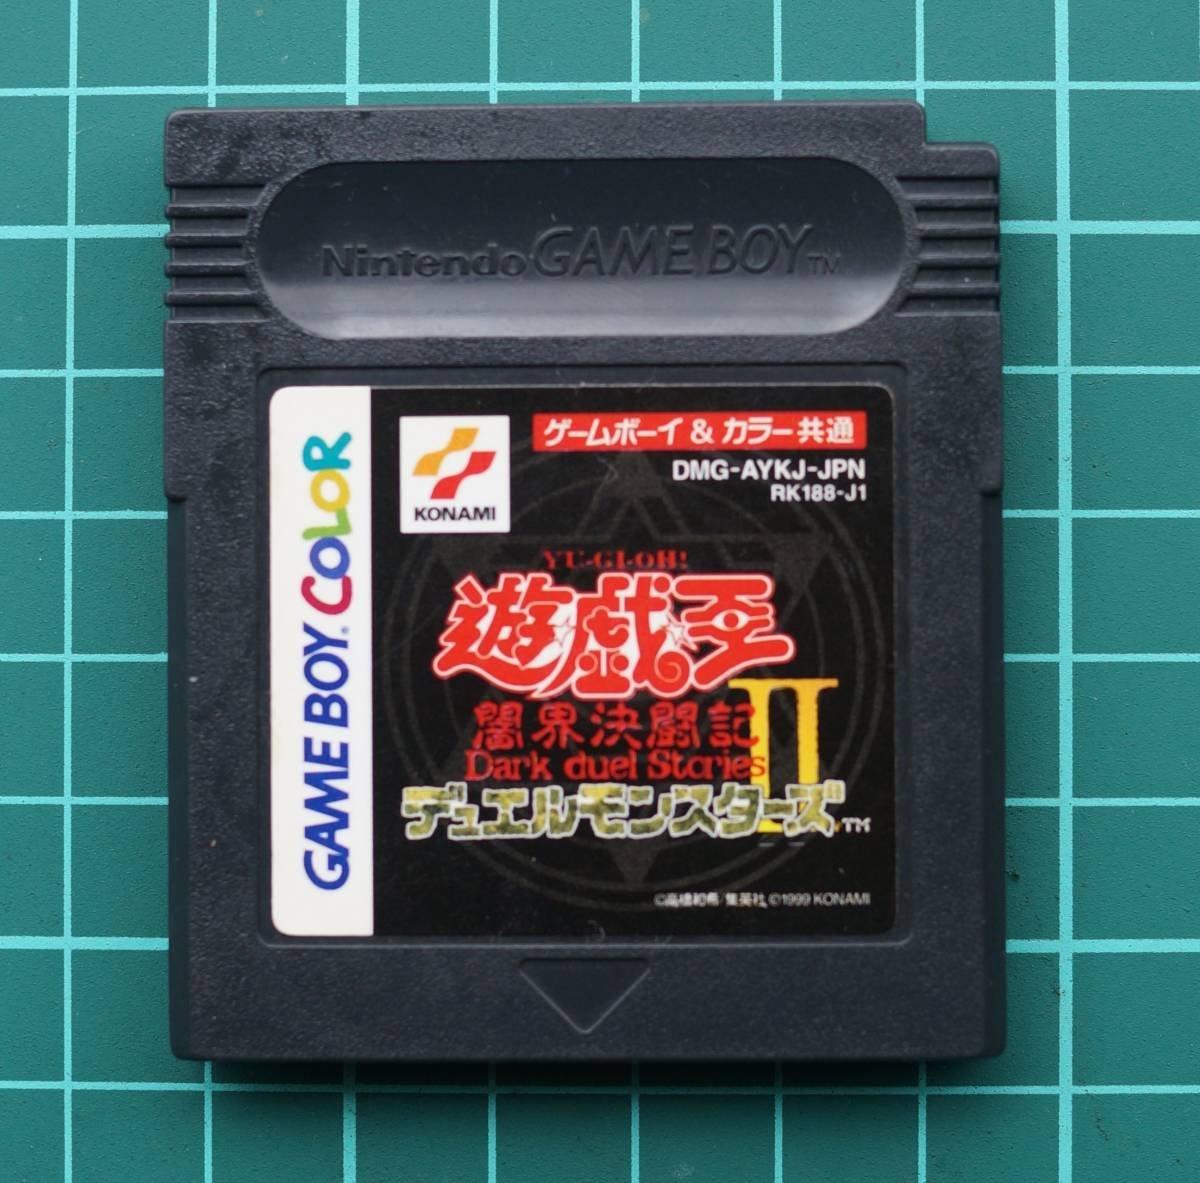 ゲームボーイ カラーカートリッジ : 遊戯王決闘モンスターII